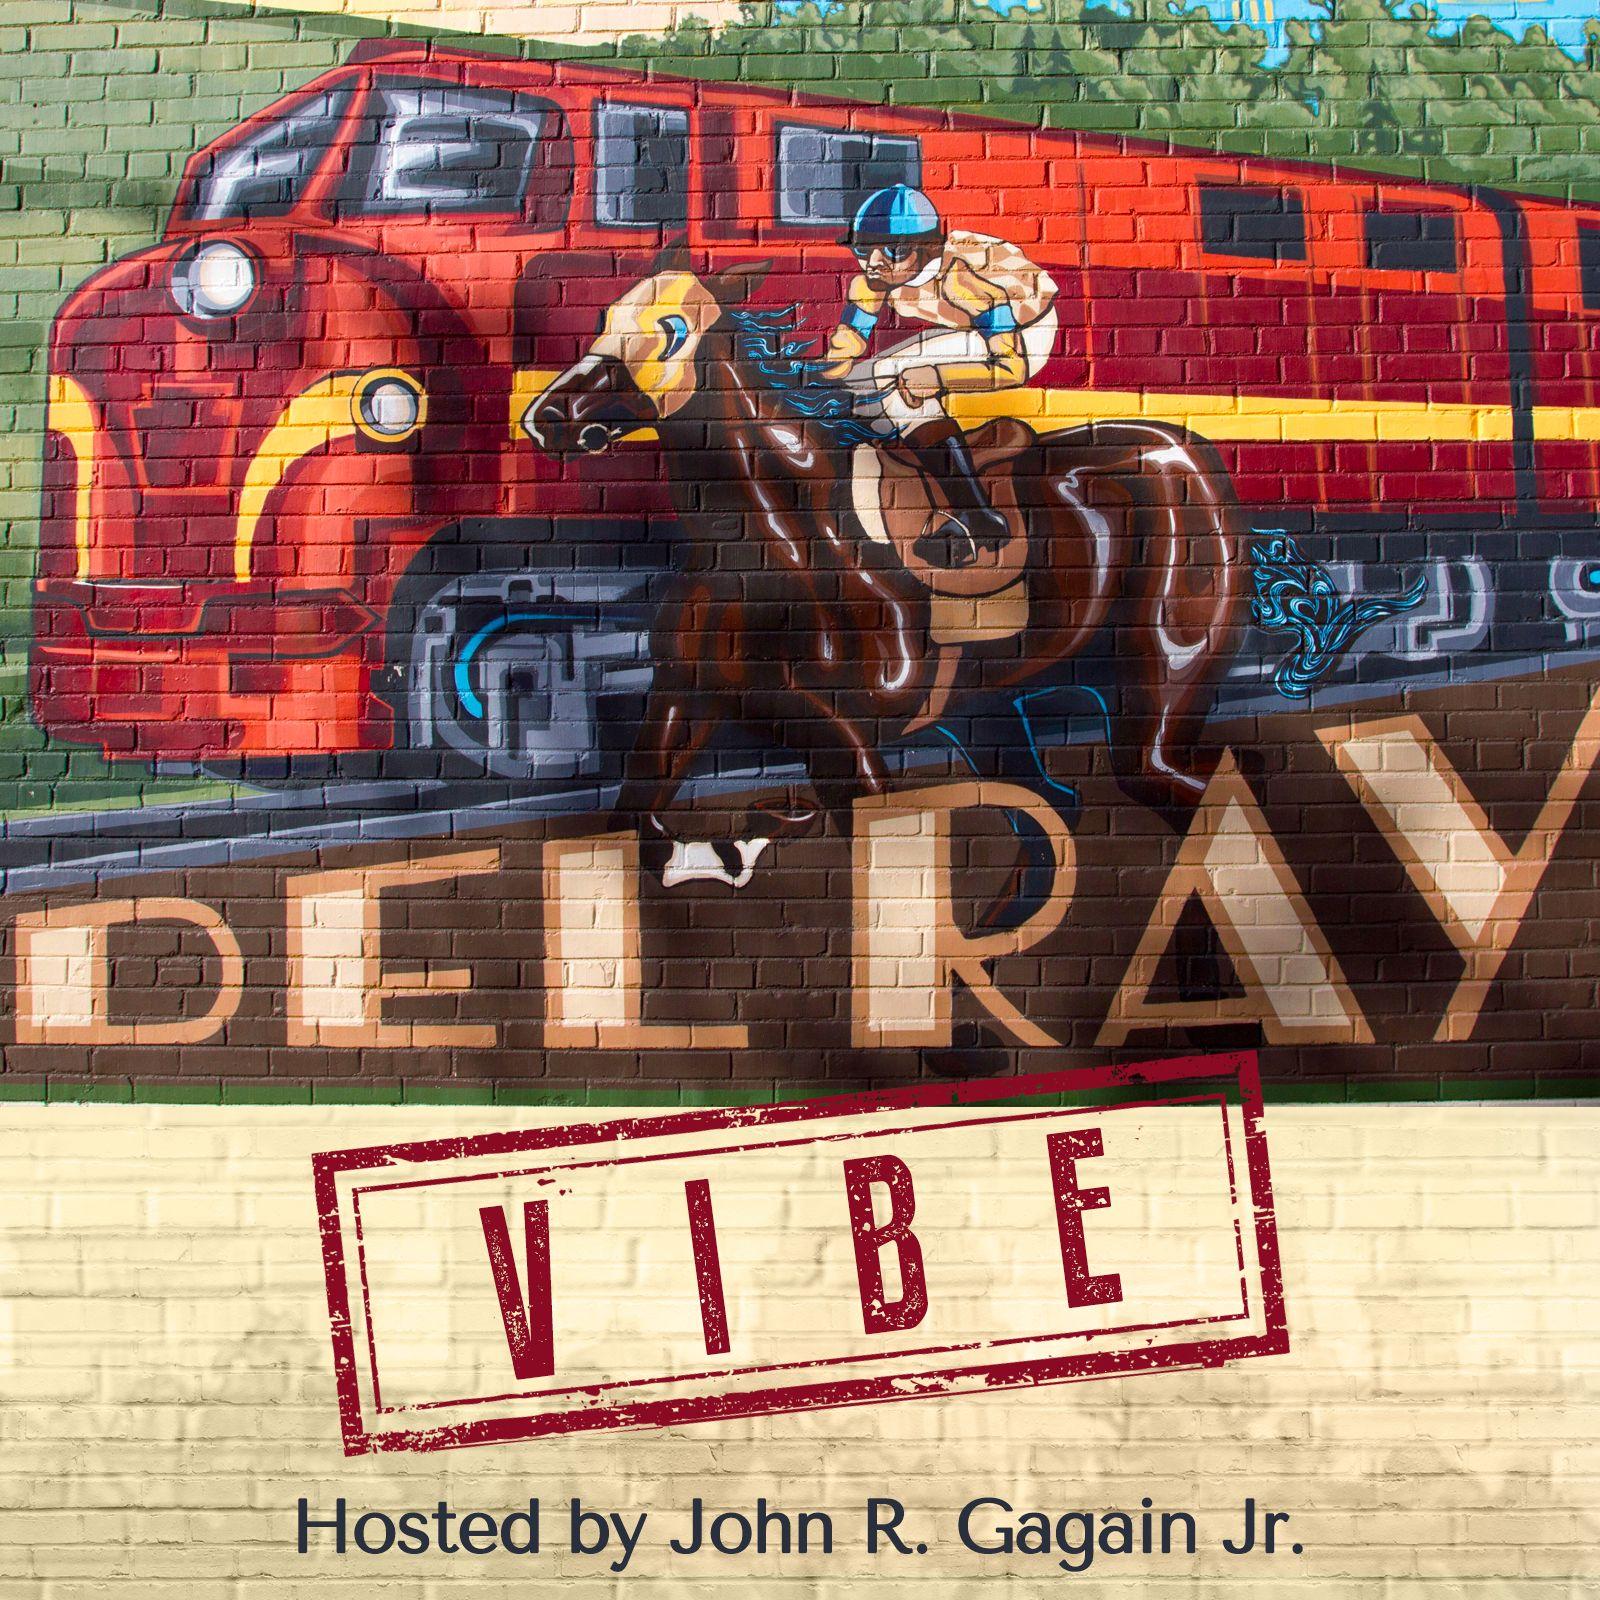 Del Ray Vibe